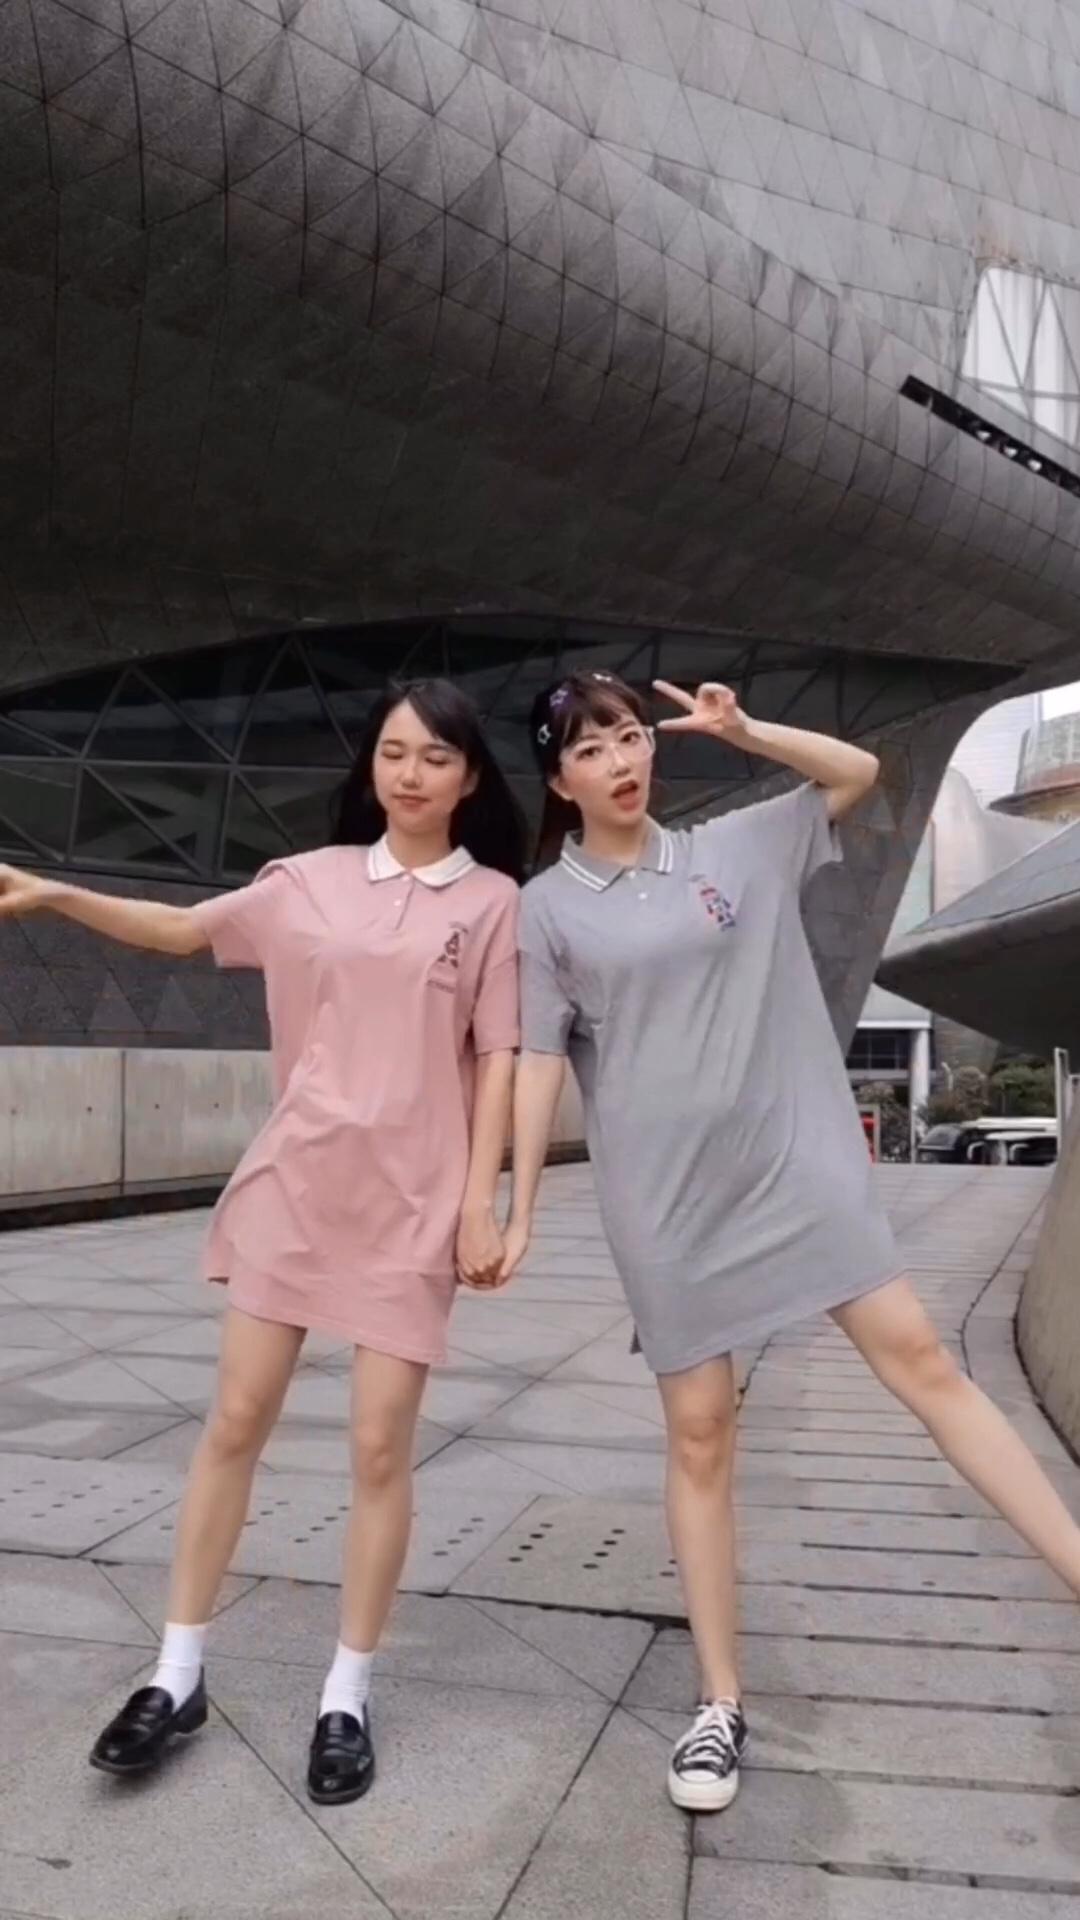 #请站队:哪种颜色代表夏天#粉色活泼可爱,灰色学院风十足,长度正好在膝盖上,显瘦又凉快舒适~